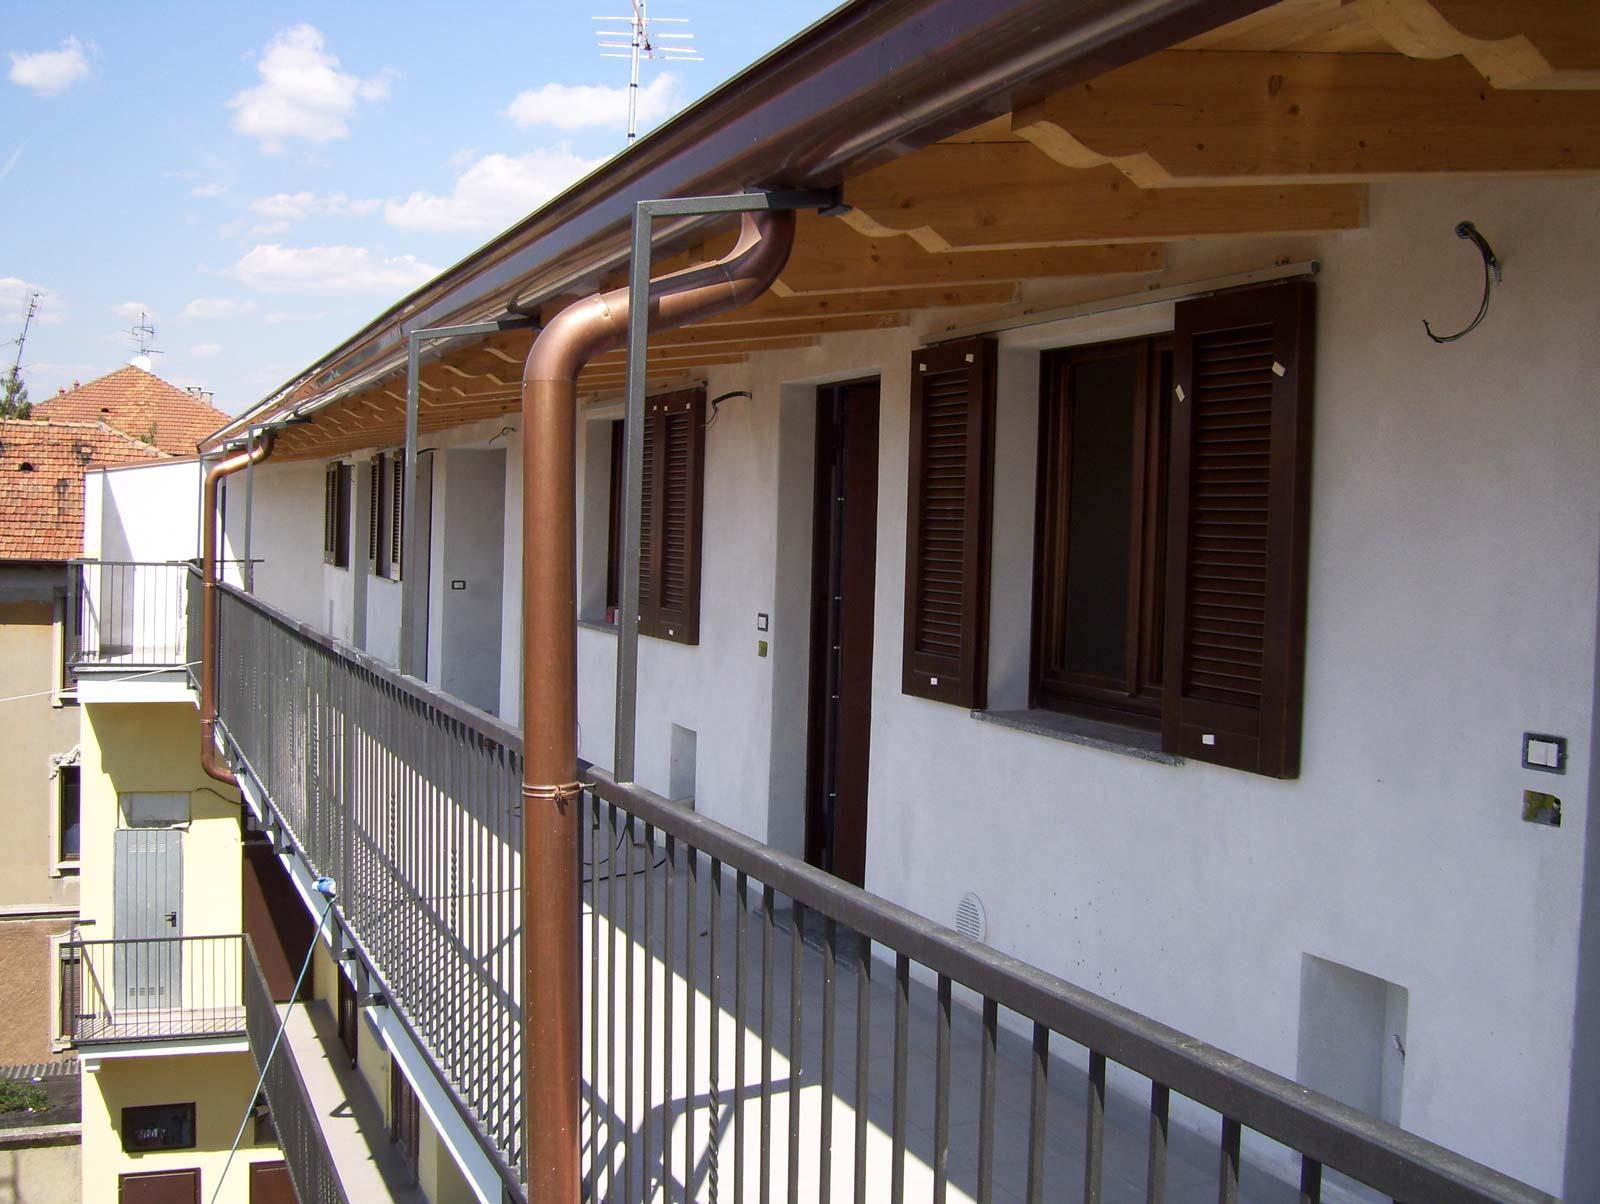 Trasformazione Sottotetto In Abitazione abitabilità milano - studio agibilità - architetto roberto